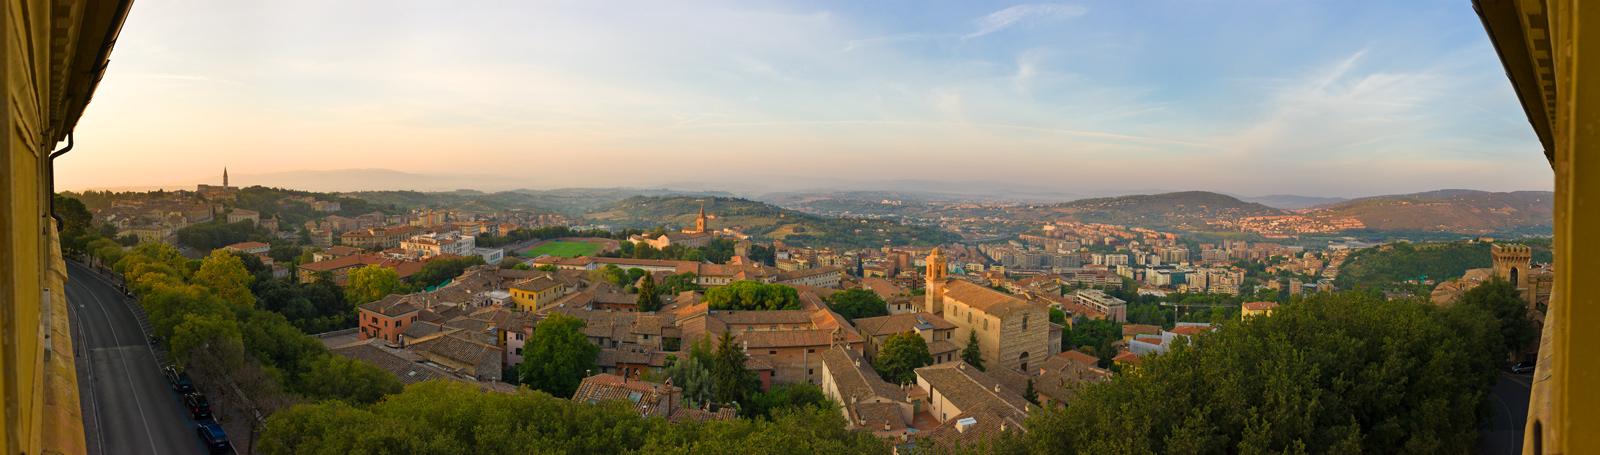 """фото """"А из нашего окна, вся Перуджиа видна!"""" метки: путешествия, панорама, Европа"""